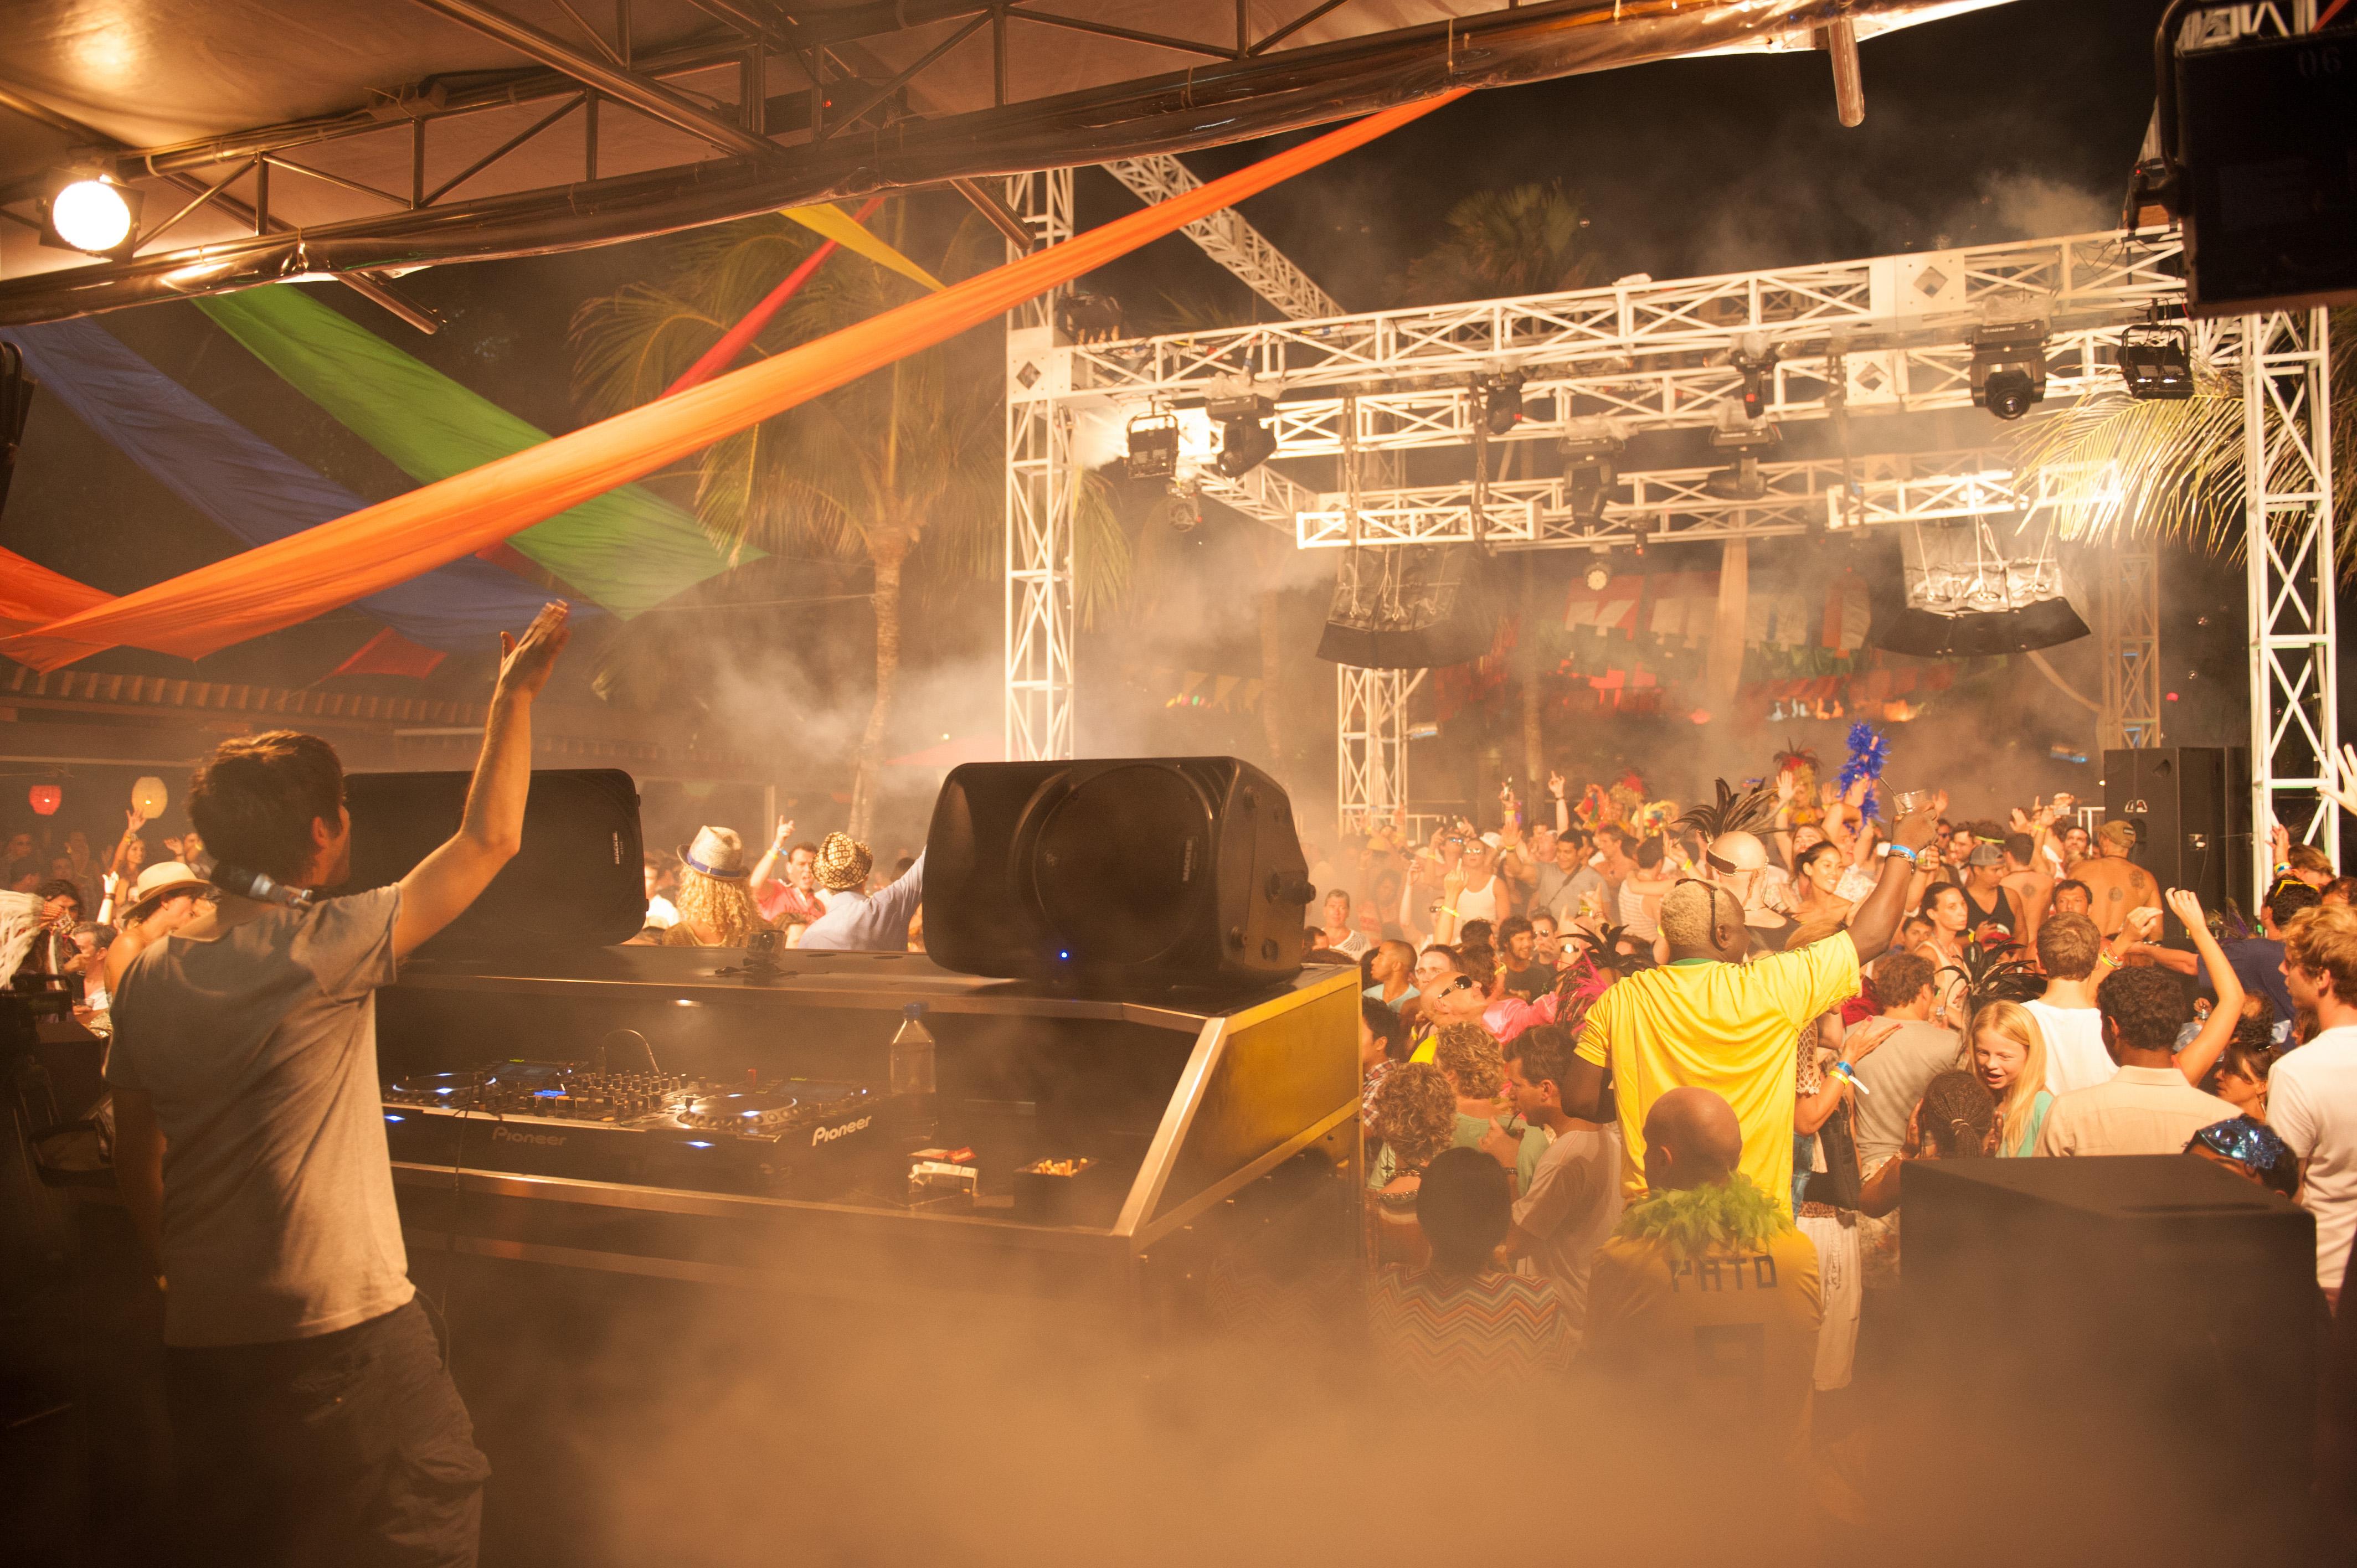 KU DE TA 2012 SUMMER PARTY RECAP!!